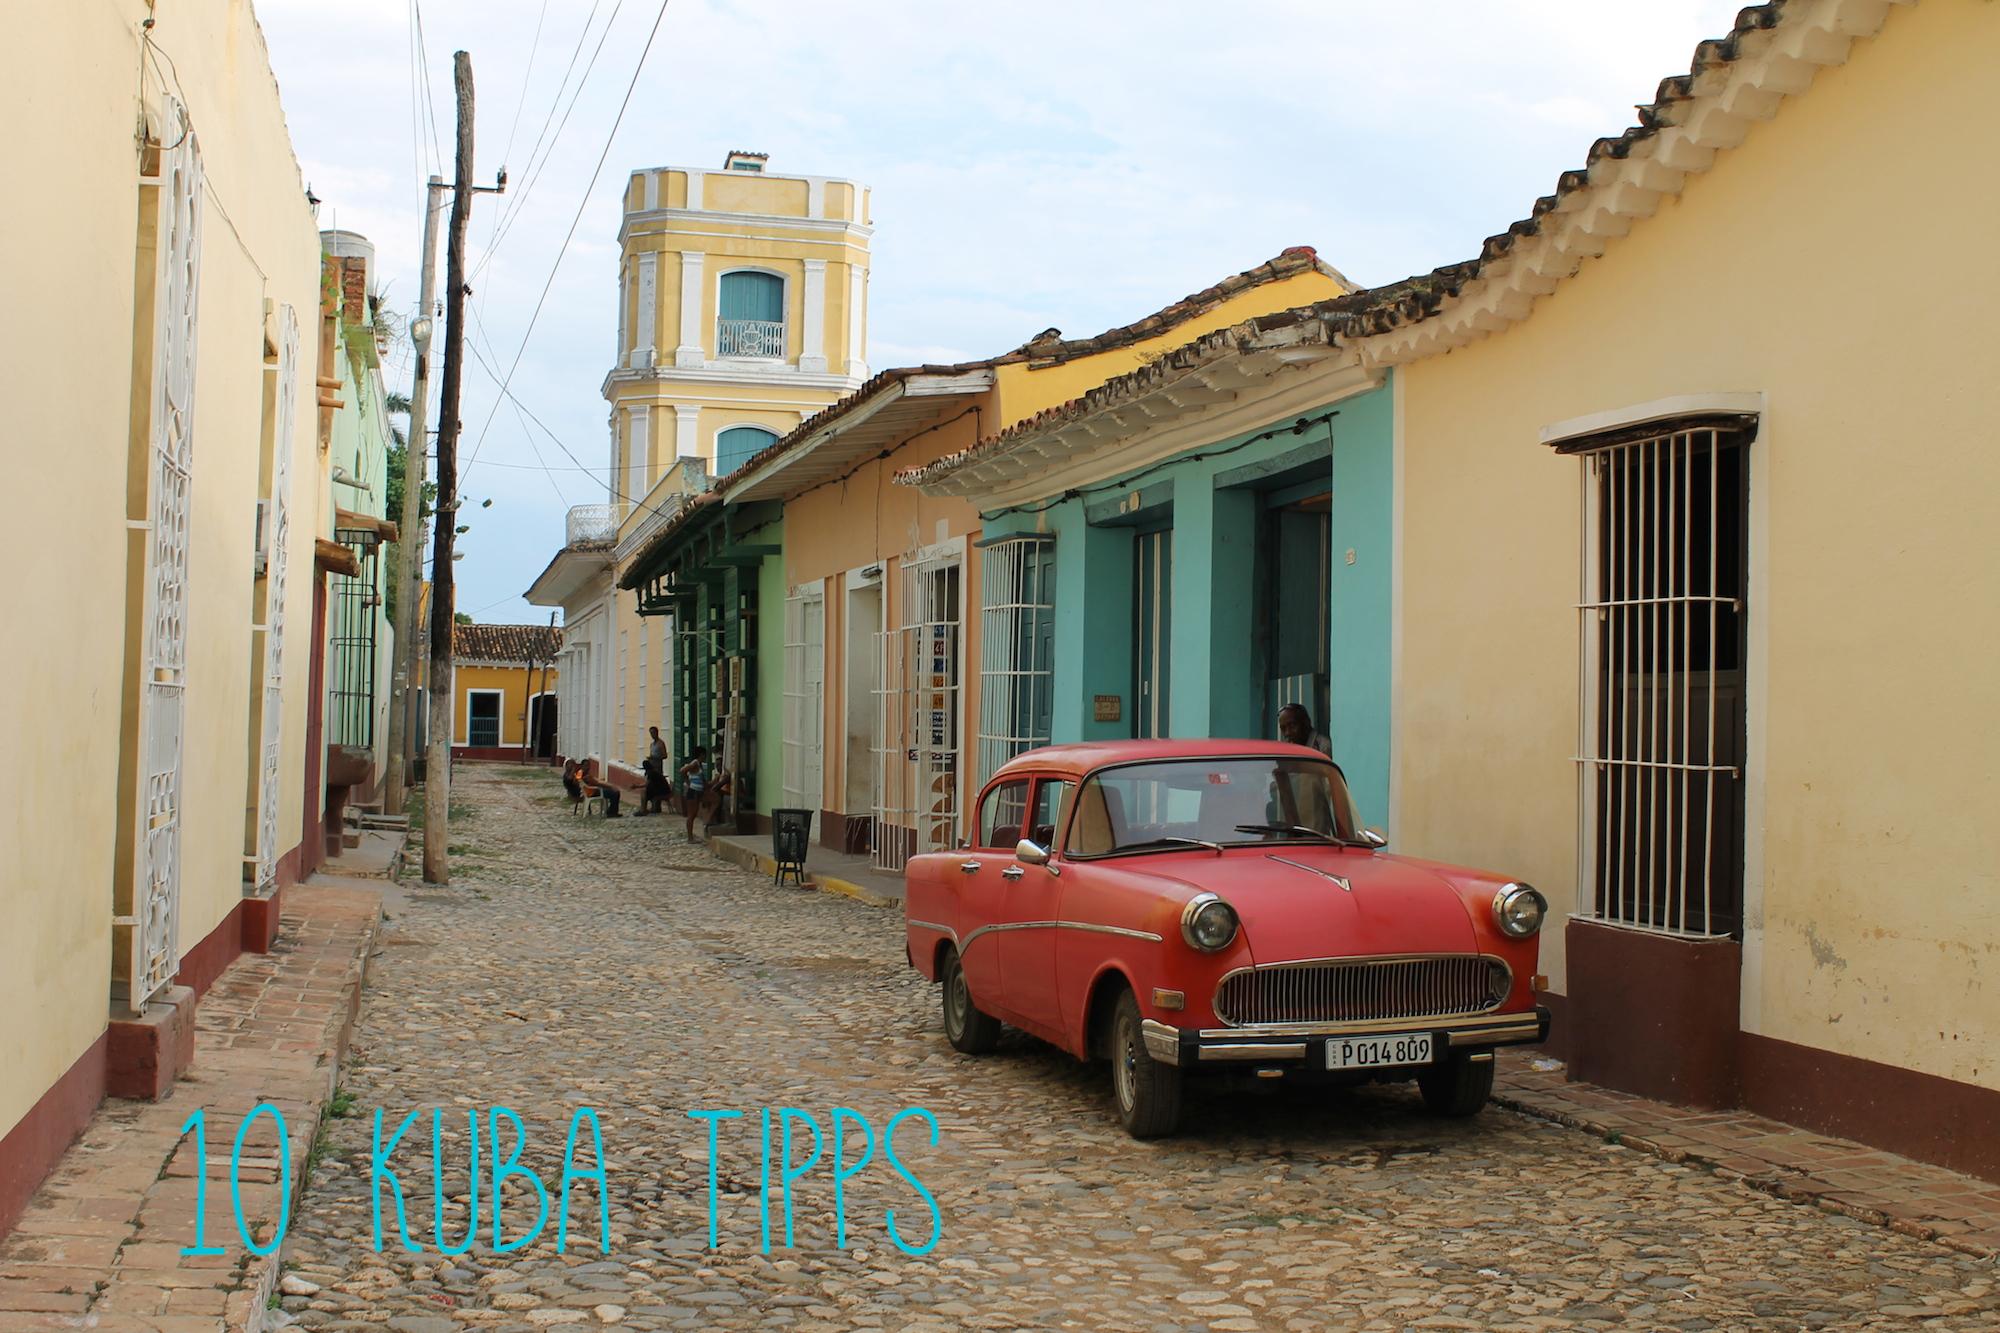 10 Kuba Tipps: Was man im Urlaub auf der Karibikinsel nicht verpassen sollte